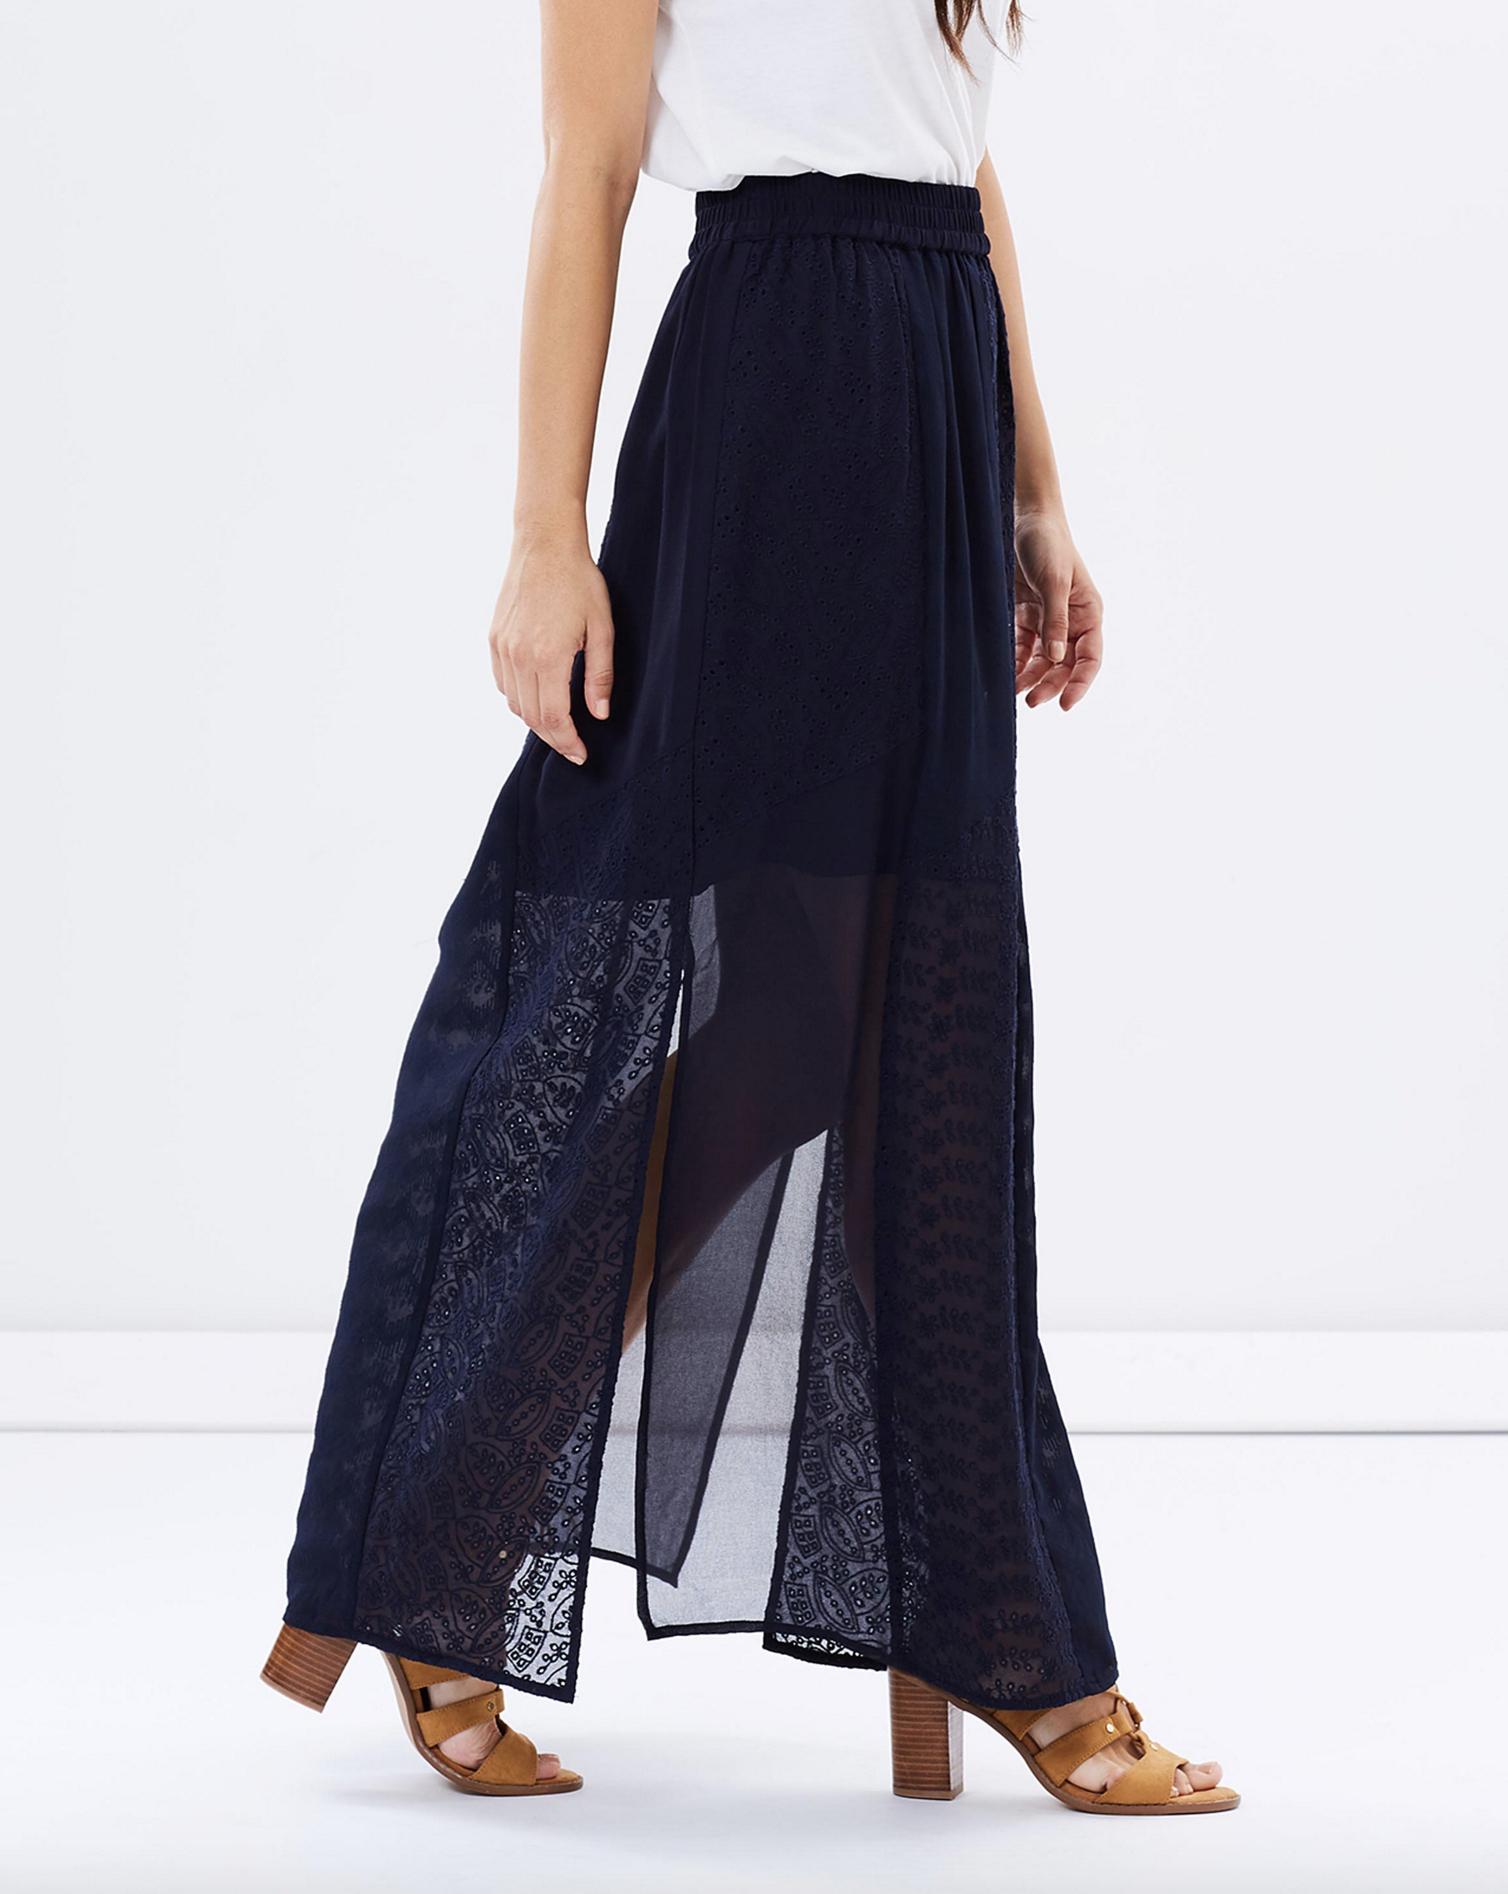 Dorothy Perkins broderie maxi skirt $69.95